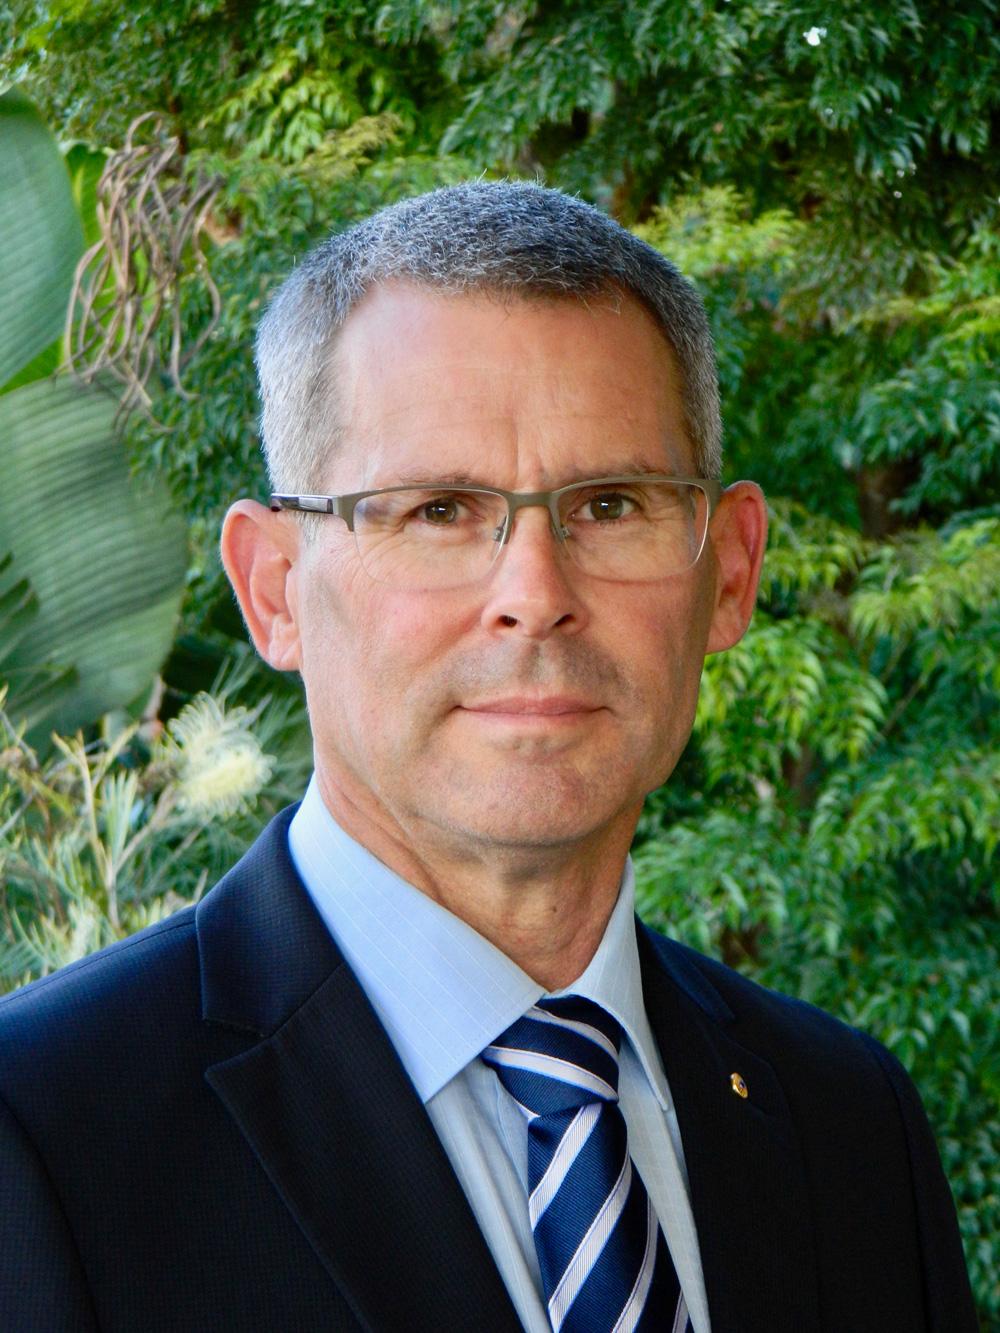 Michael van Balen